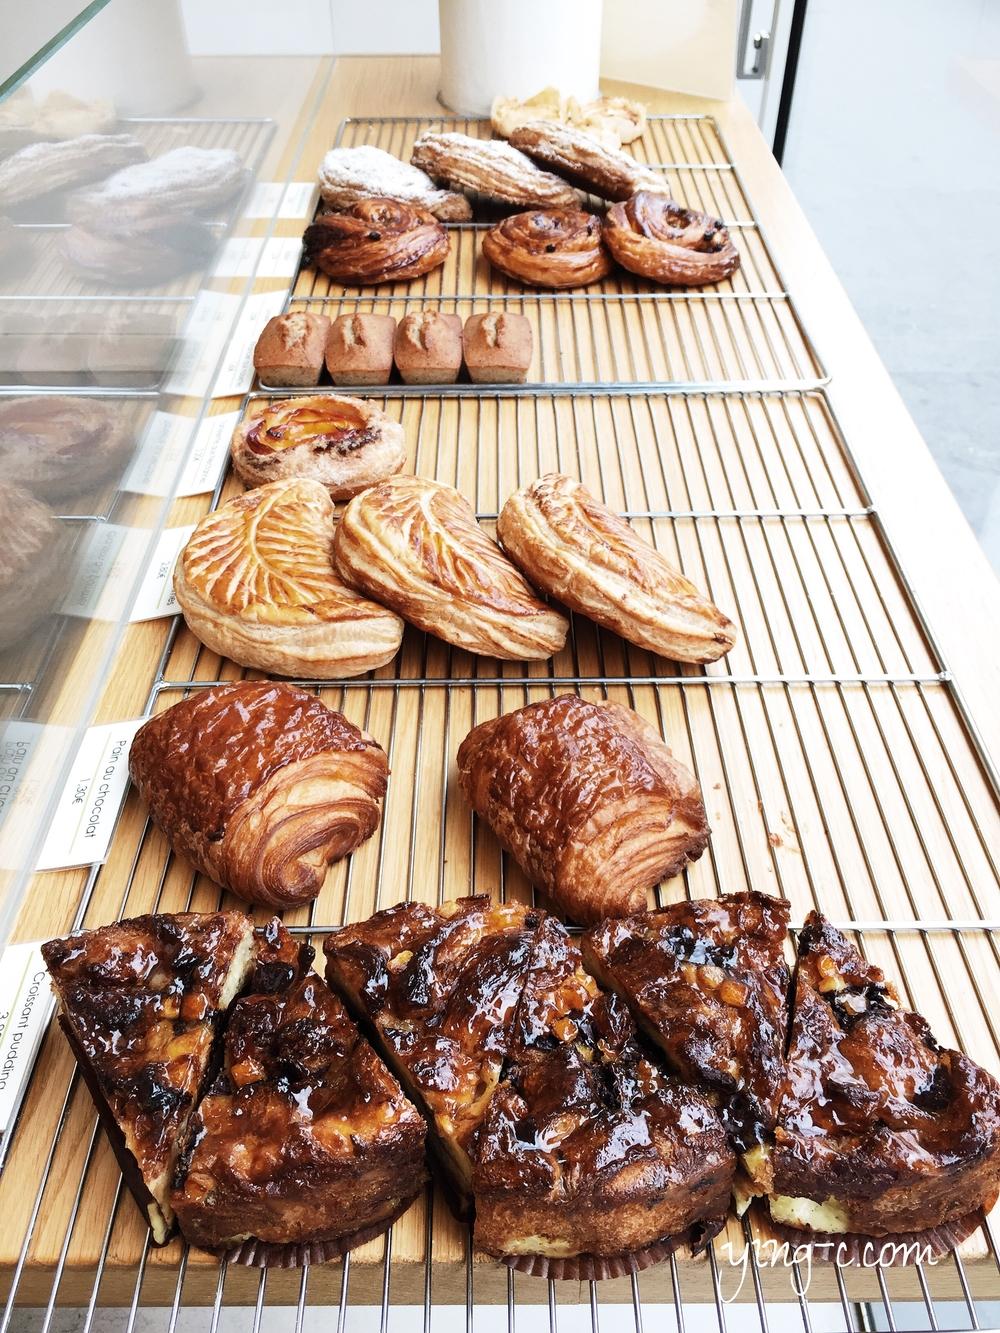 在我最愛的甜點店之一「 Mori Yoshida 」販賣的 viennoiserie 酥皮與奶油甜麵包們。(攝影:Ying Chen)